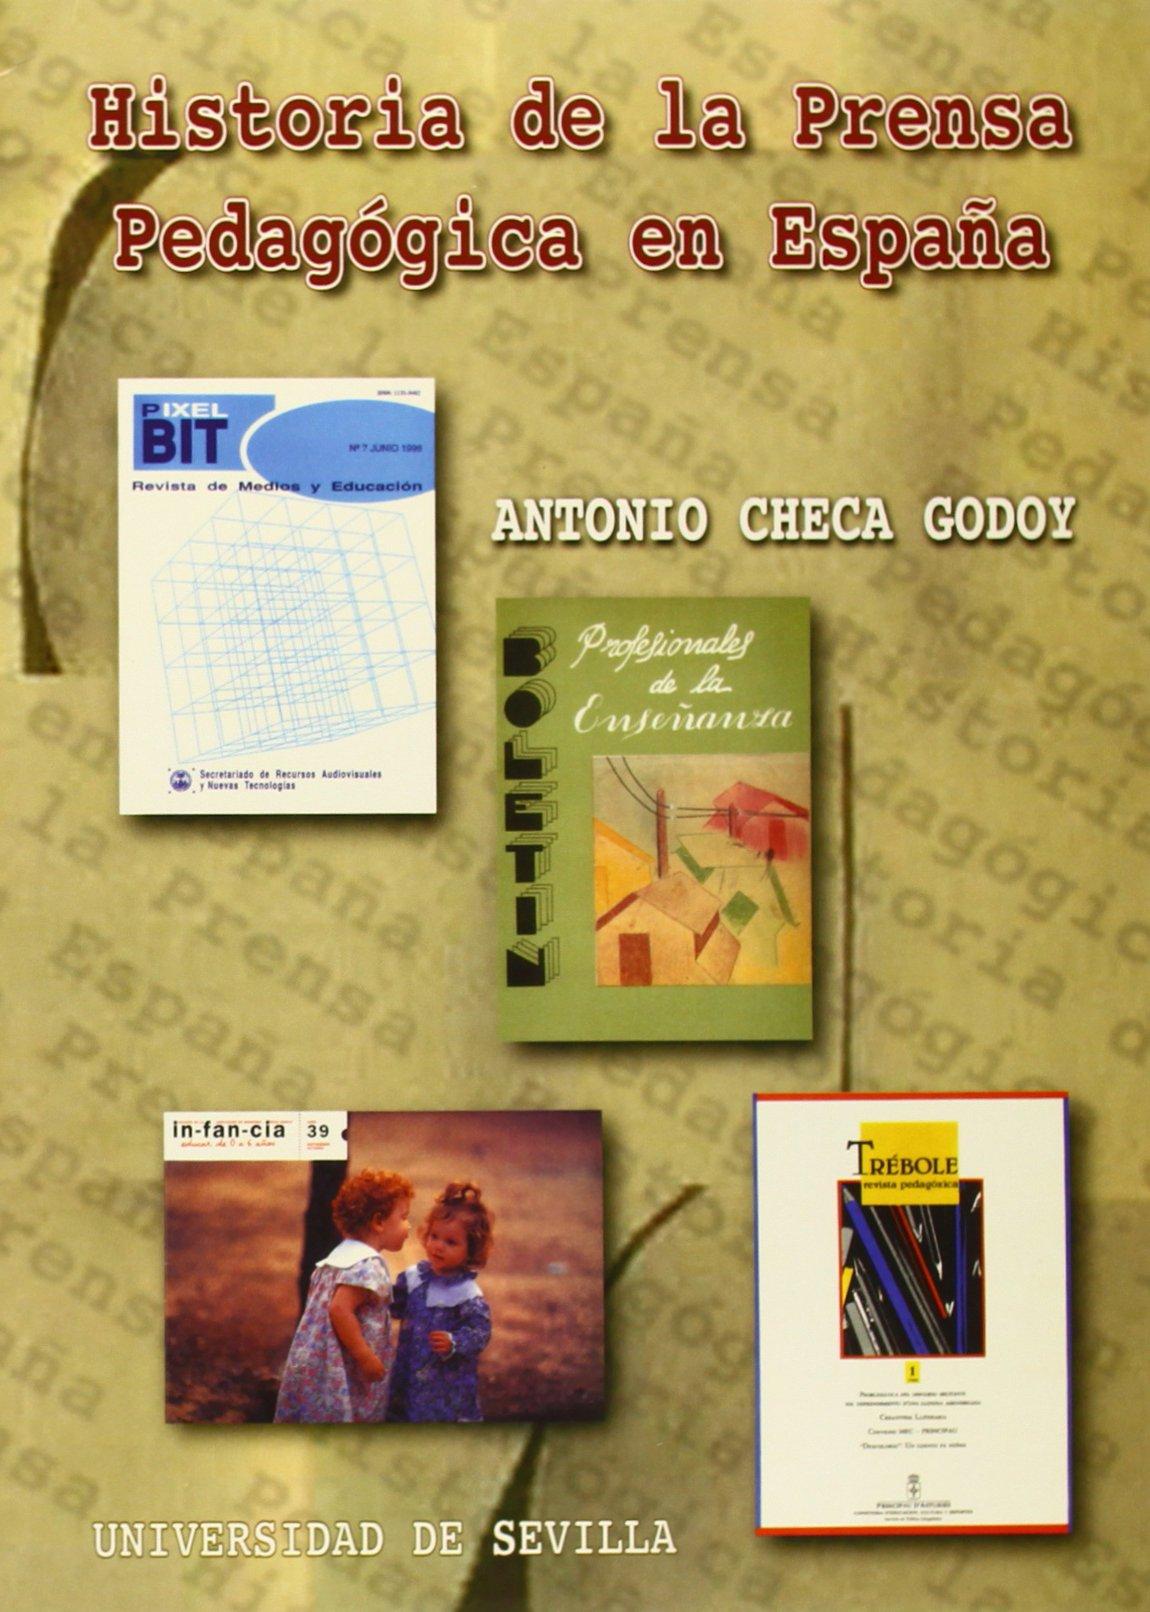 Historia de la Prensa Pedagógica en España: 1 Serie Ciencias de la Comunicación: Amazon.es: Checa Godoy, Antonio: Libros